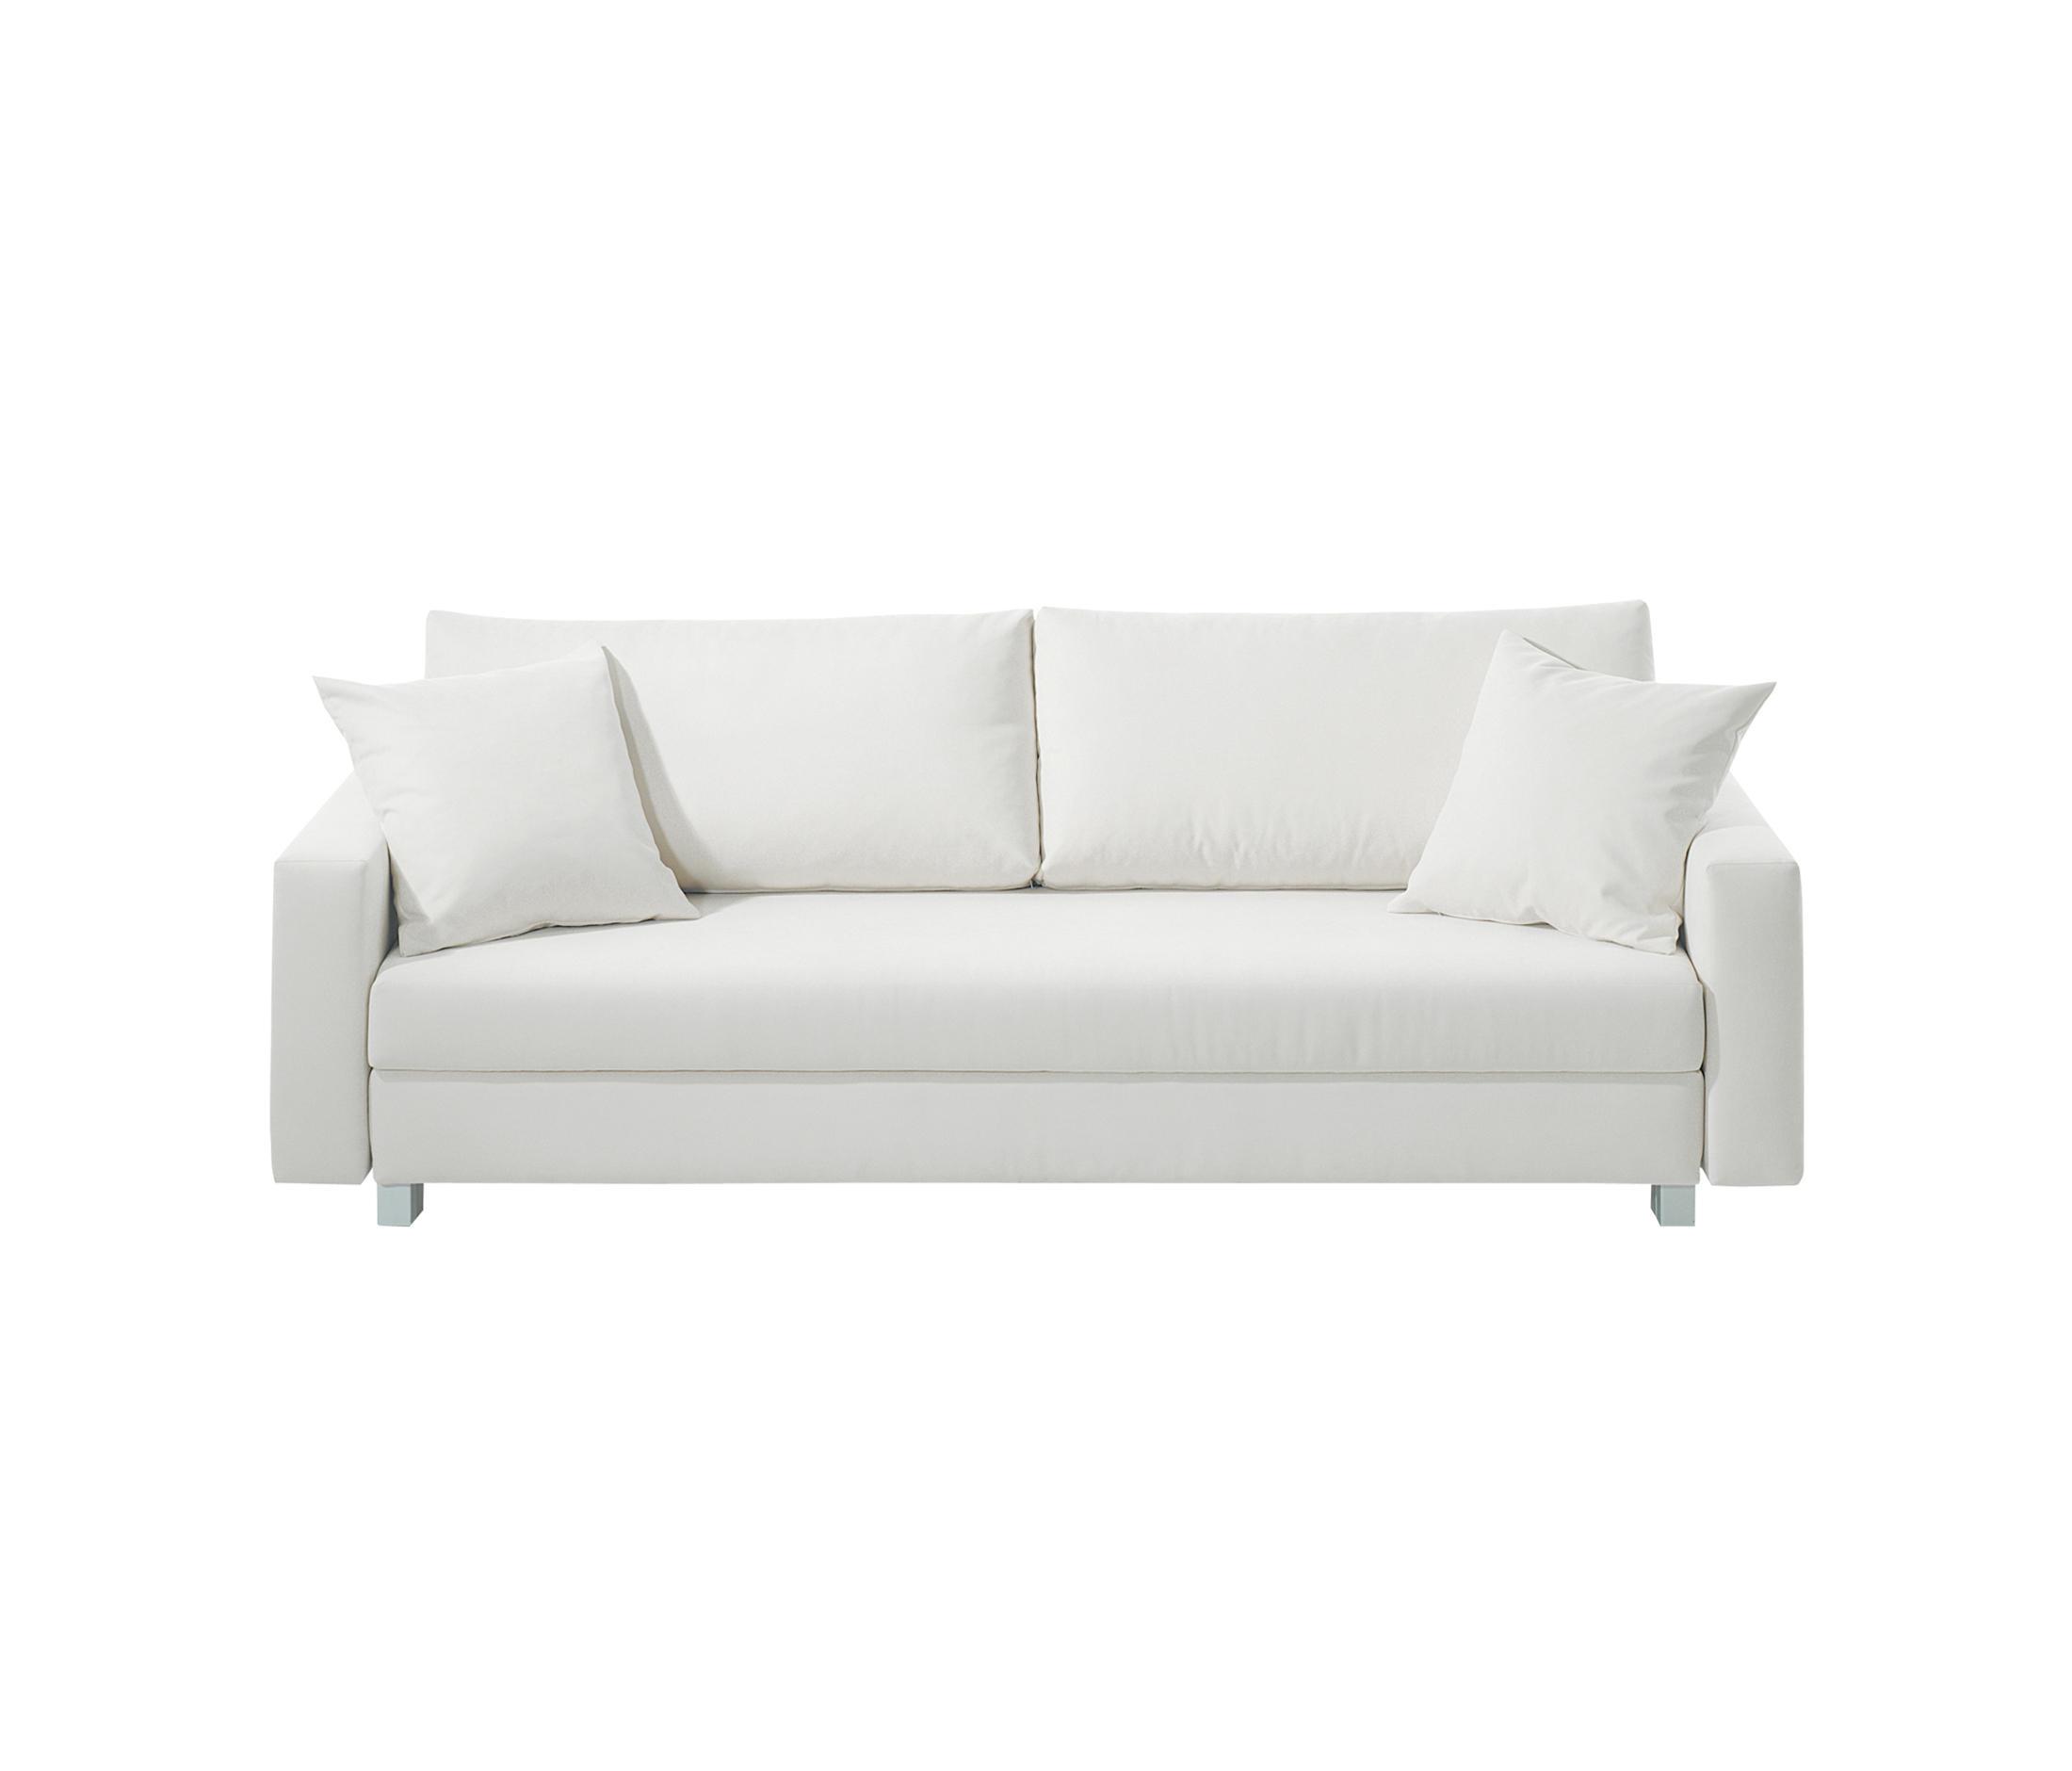 sonett bettsofa schlafsofas von die collection architonic. Black Bedroom Furniture Sets. Home Design Ideas